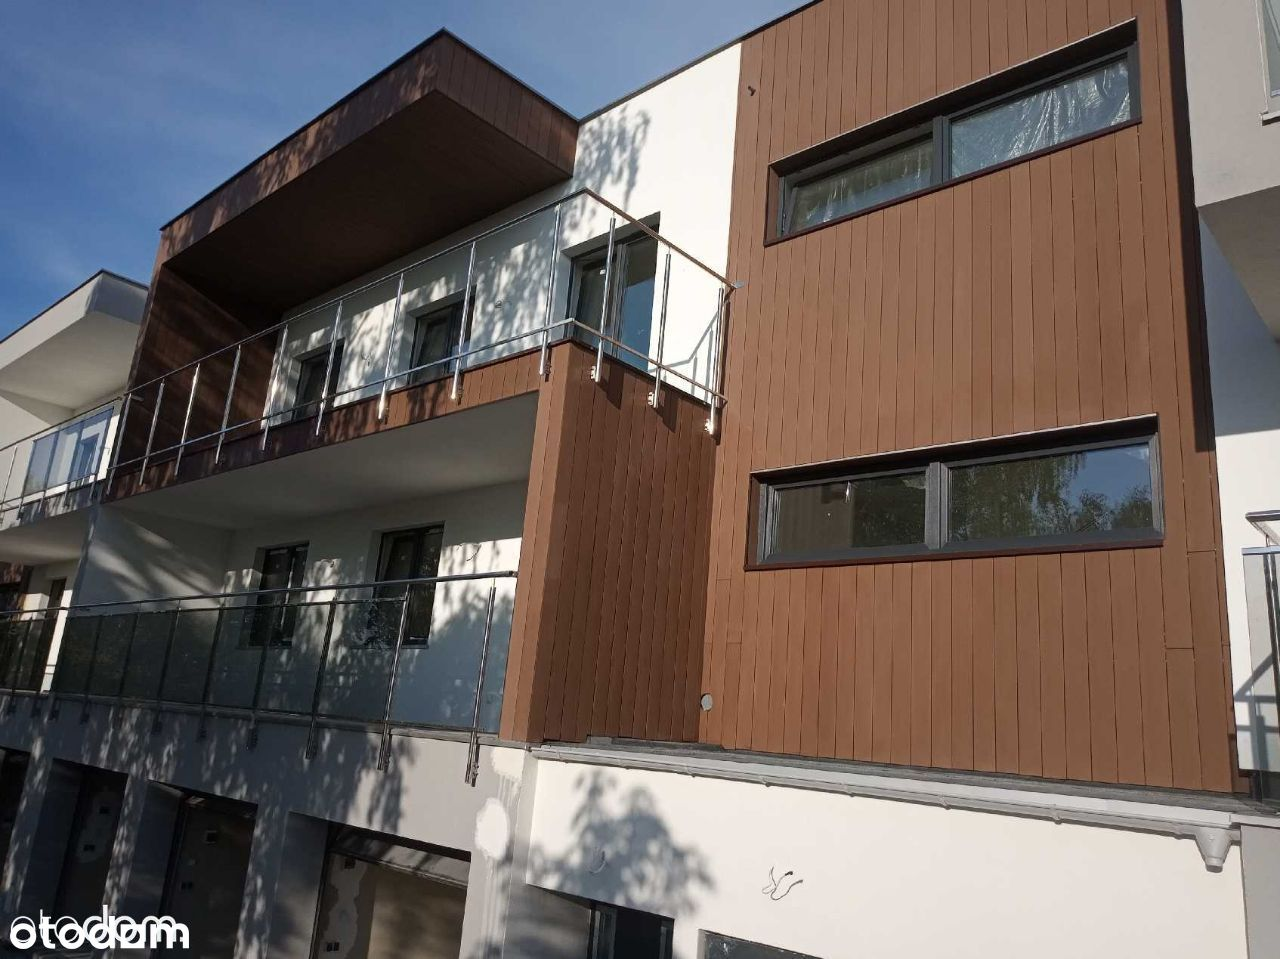 Mieszkanie OSTOJA DĄBROWA 69m2 duże TARASY